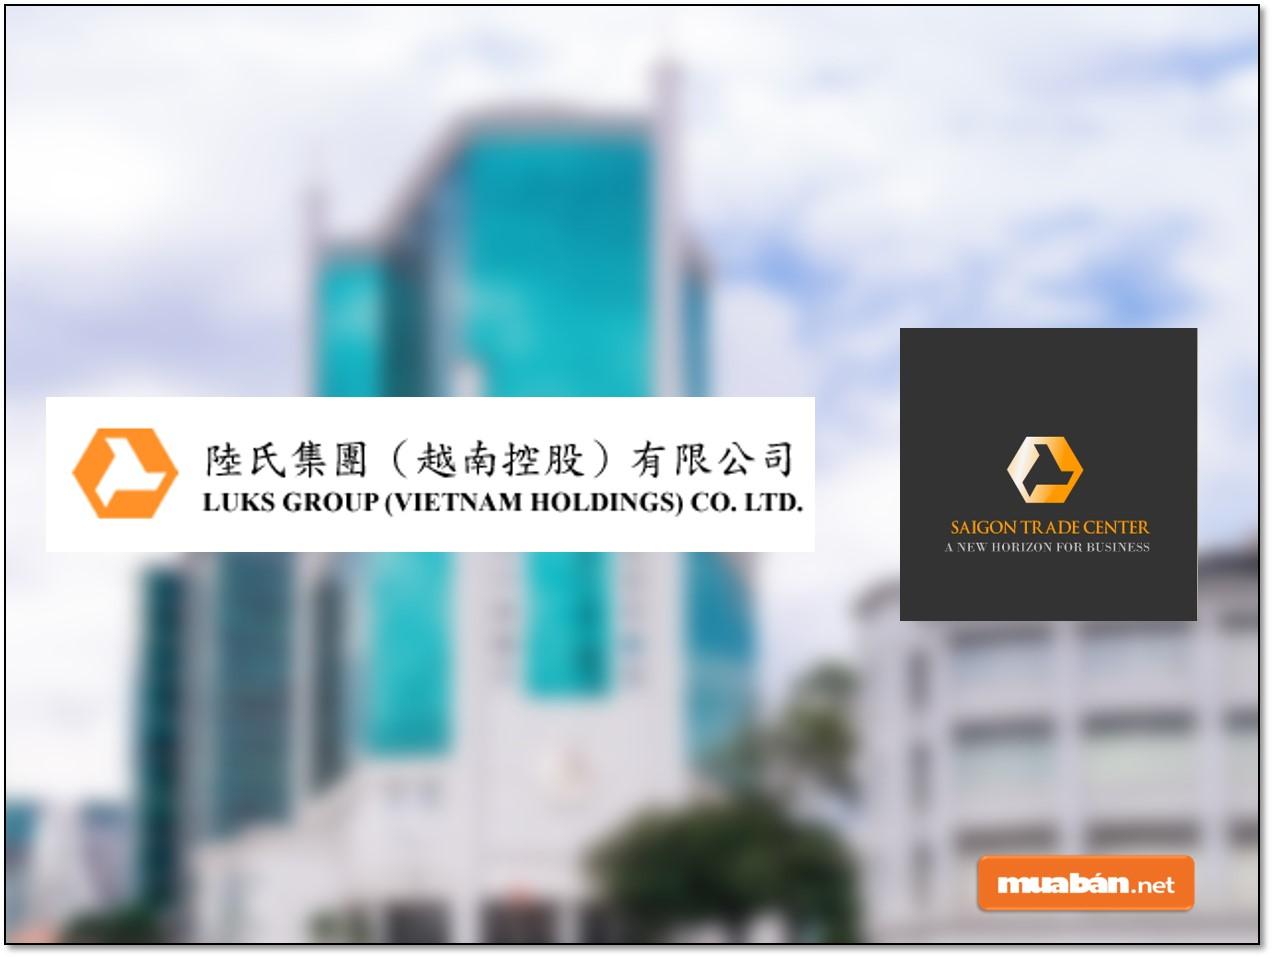 Chủ đầu tư Saigon Trade Center